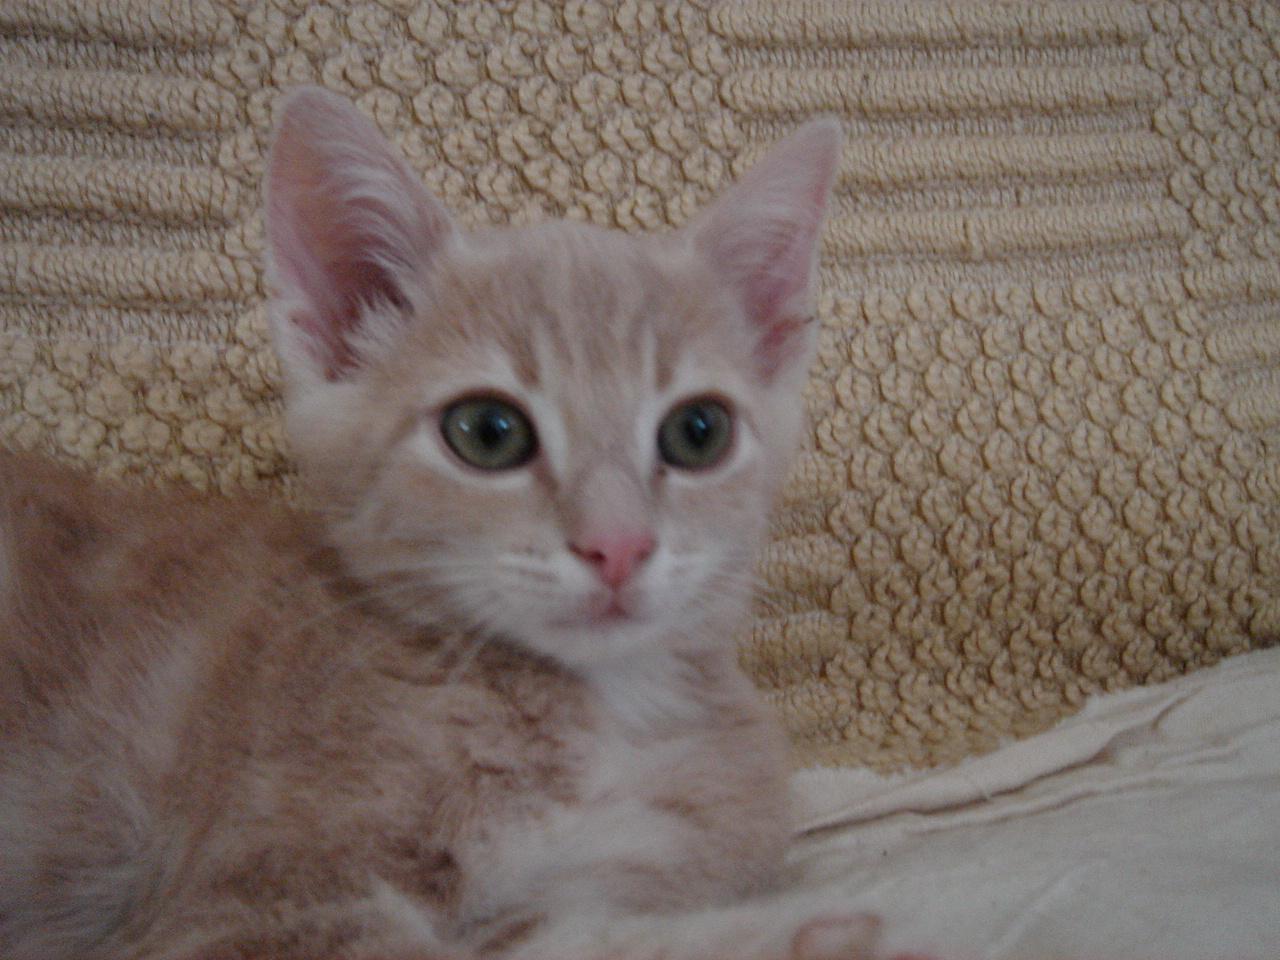 JAYLY - M - Né le 02/05/2014 - Adopté en Septembre 2014